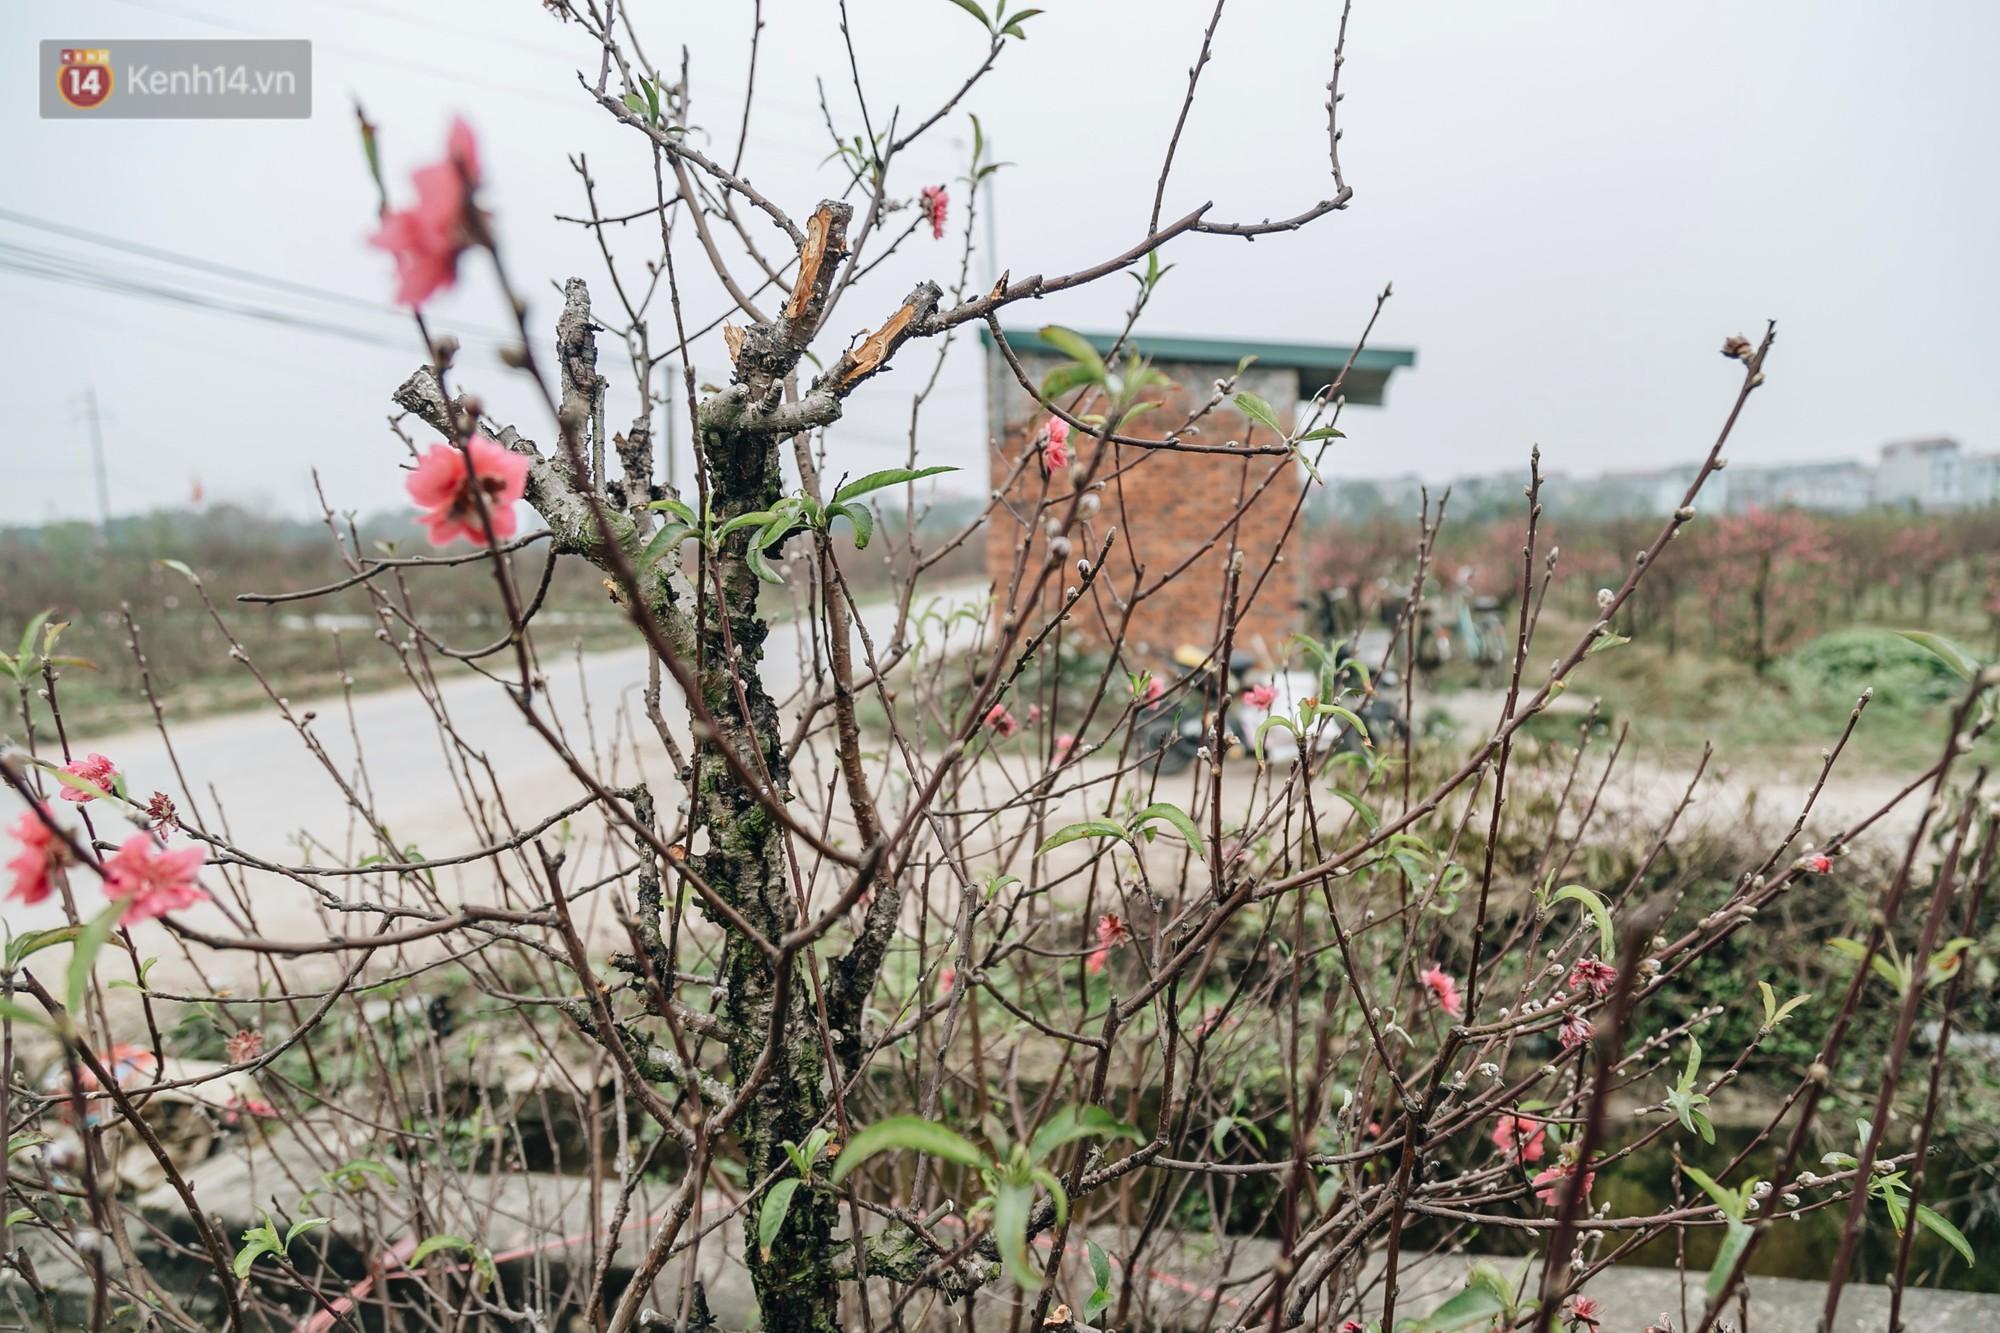 Gần 200 gốc đào của người dân Bắc Ninh bị chặt phá trong đêm: Tết năm nay còn chả có bánh chưng mà ăn-18